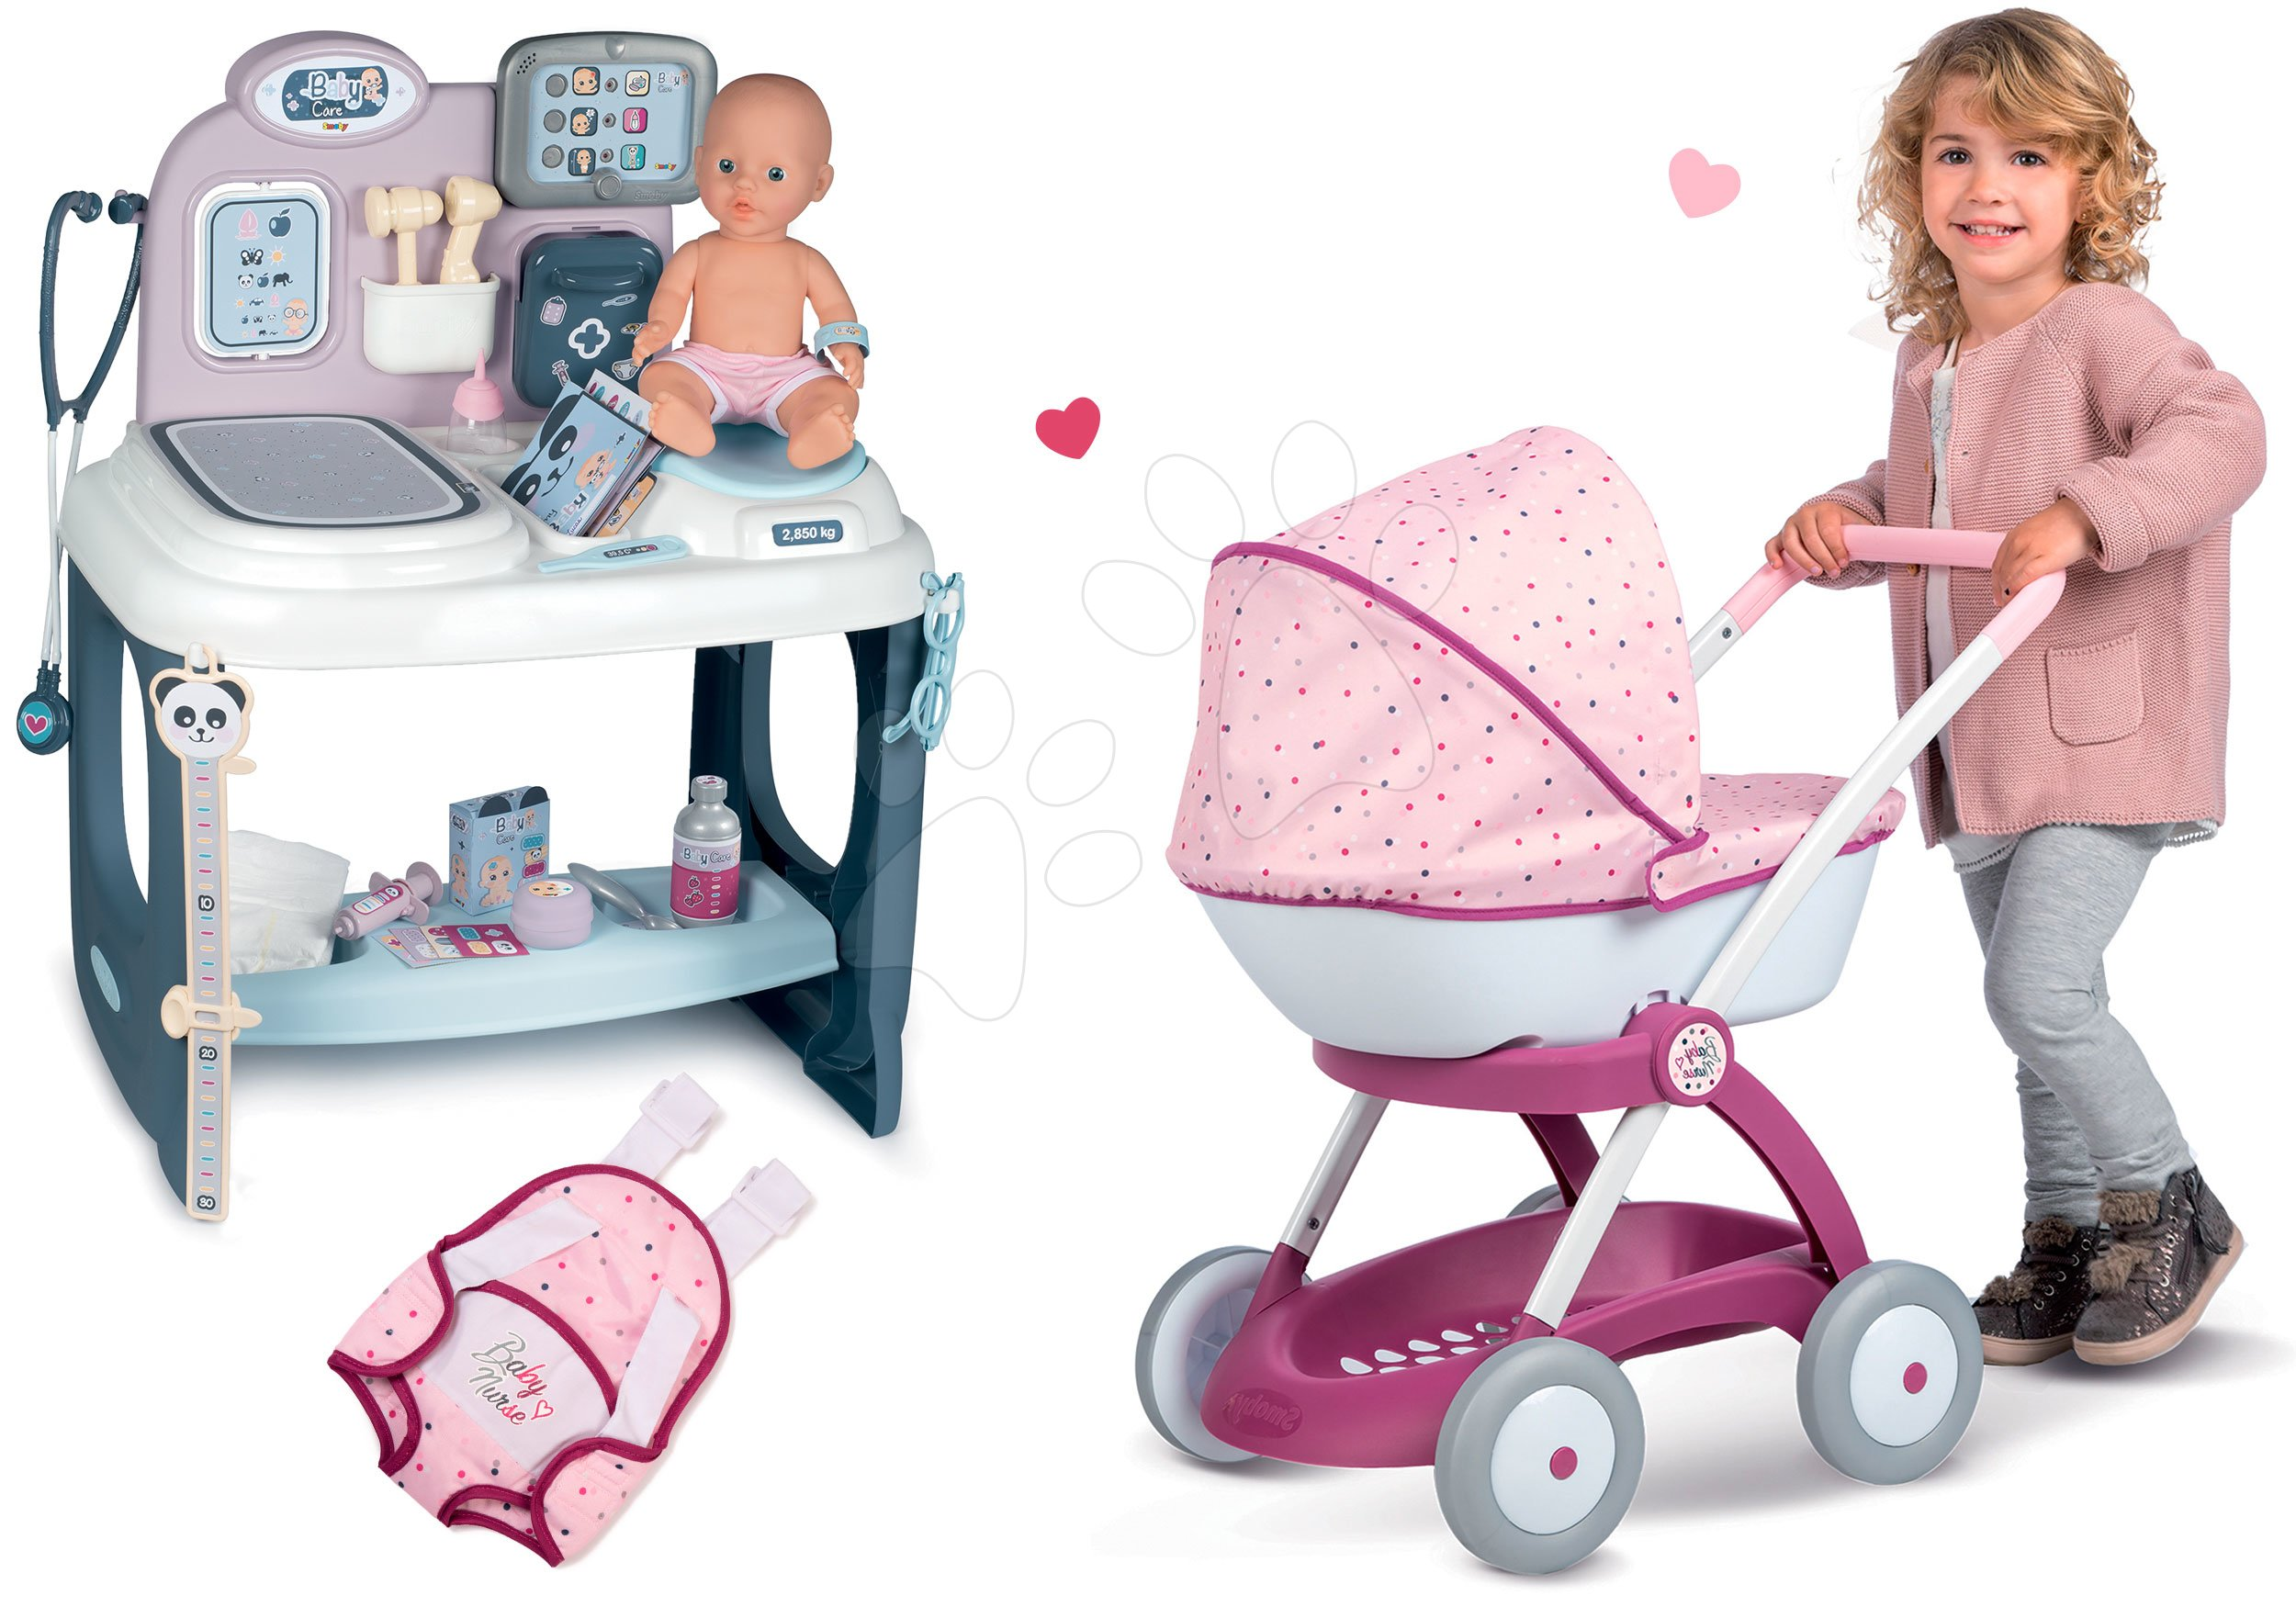 Zdravniški vozički kompleti - Komplet zdravniška mizica Baby Care Center Smoby z globokim vozičkom Baby Nurse in nosilko